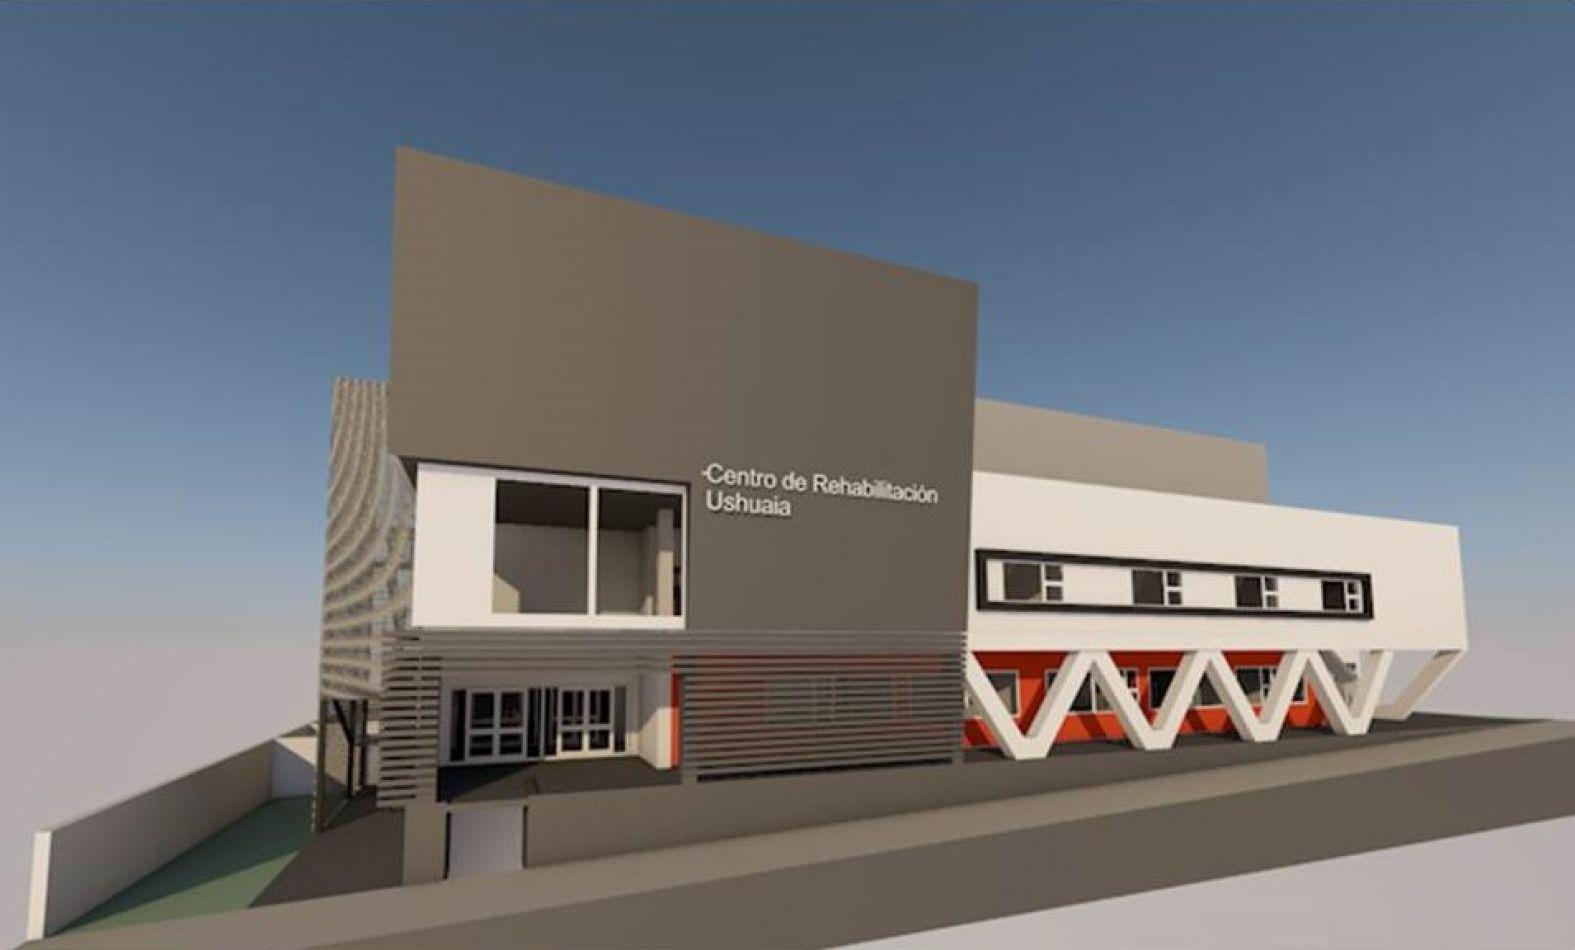 Centro de Rehabilitaciónen Ushuaia